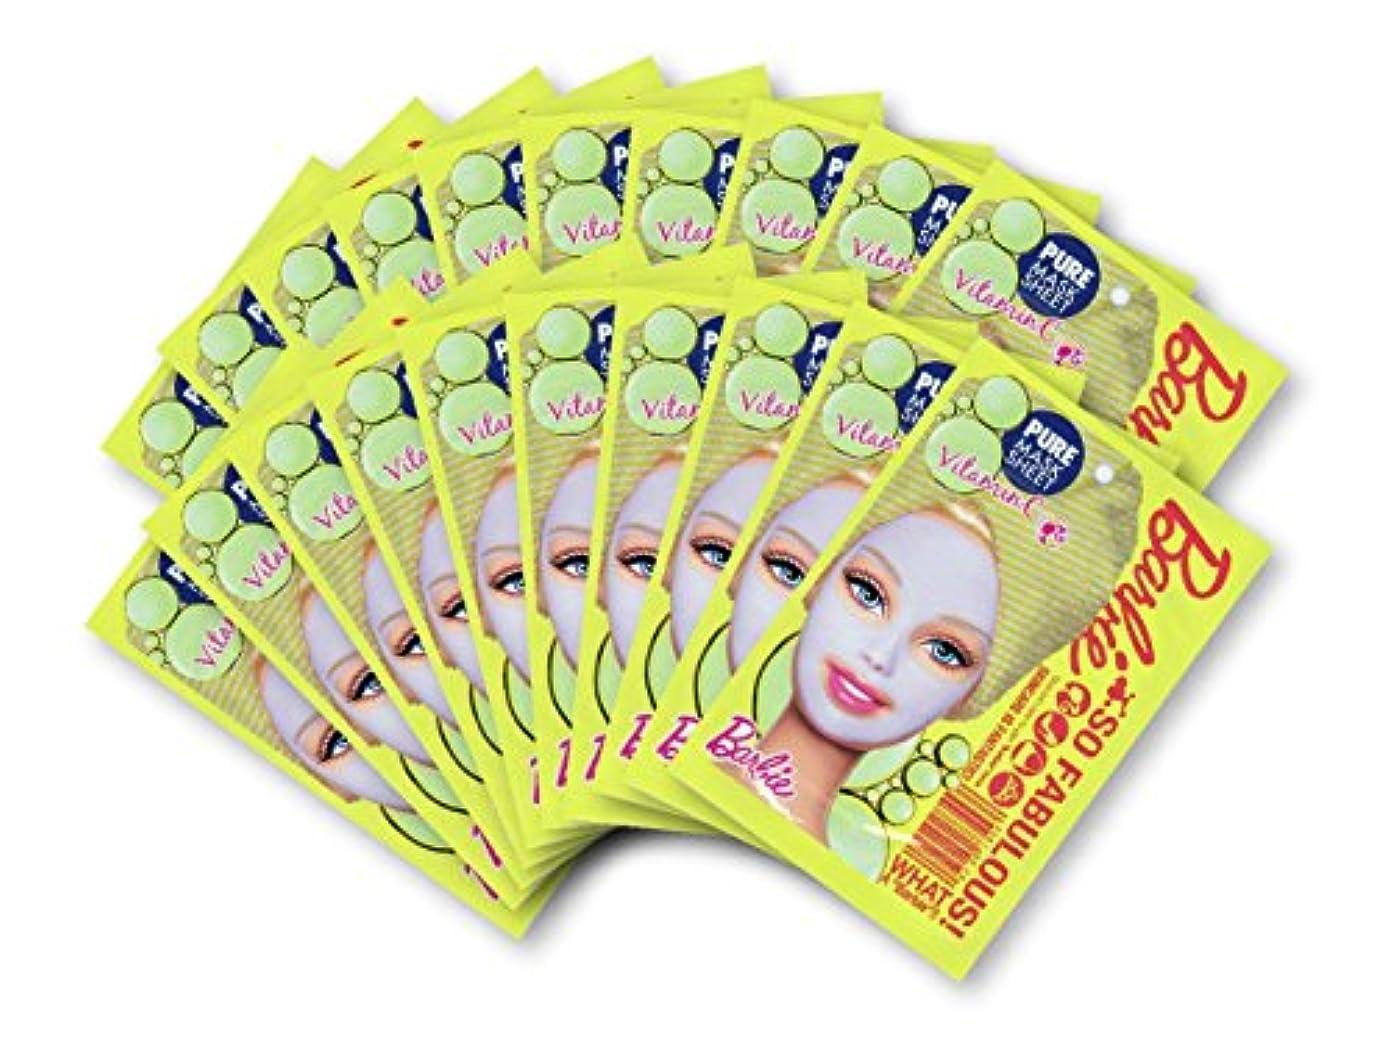 サスティーン値申し立てられたバービー (Barbie) フェイスマスク ピュアマスクシートN (ビタミンC) 25ml×20枚入り [透明感] 顔 シートマスク フェイスパック